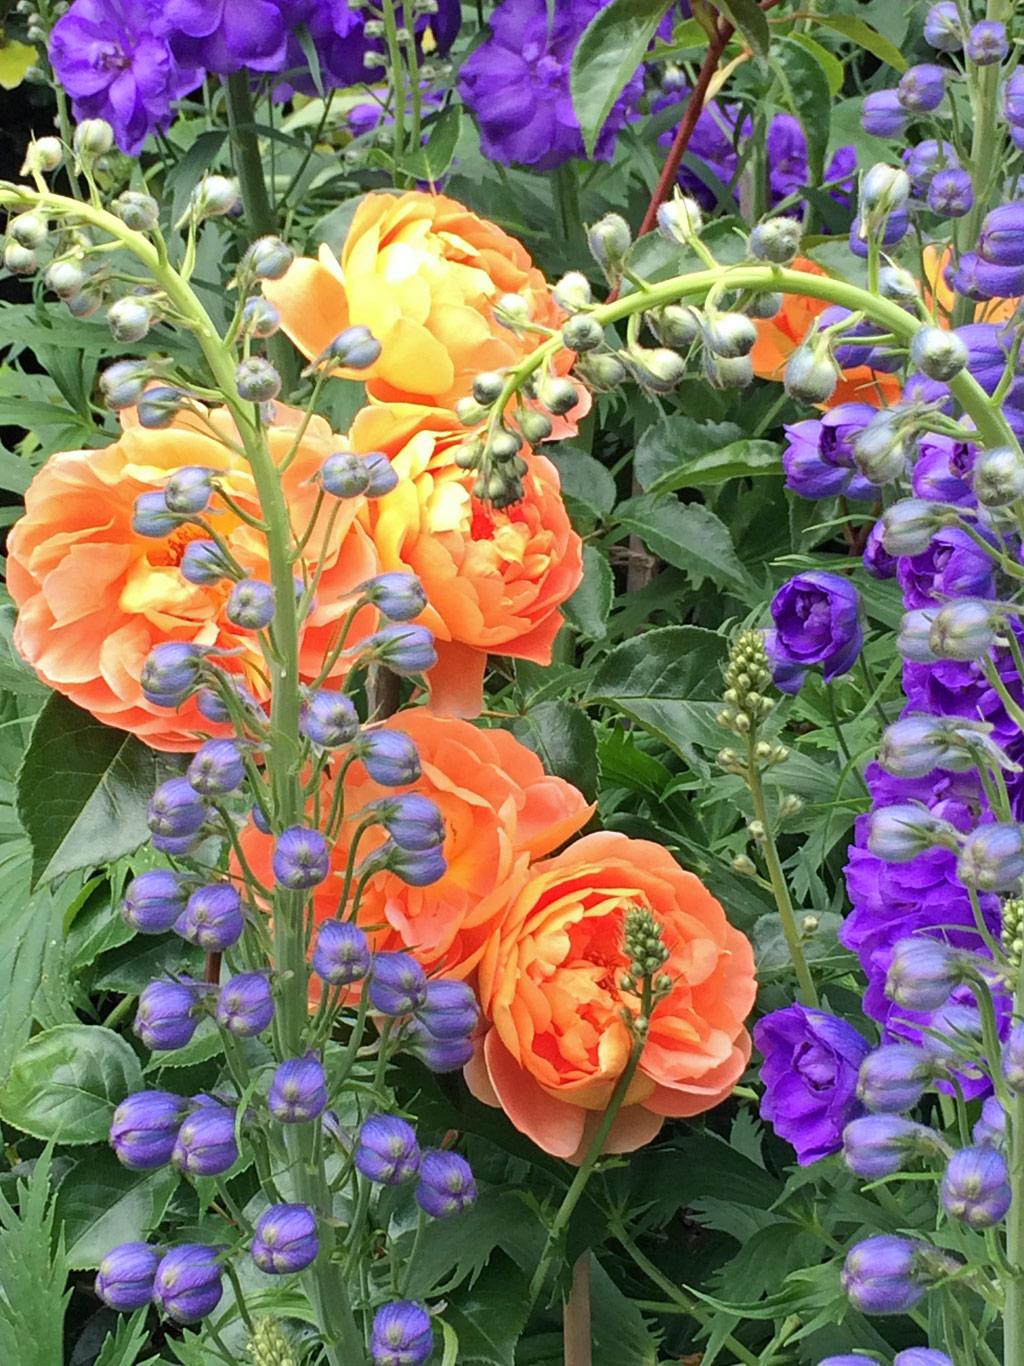 Classic cottage garden flowers Susan Rushton